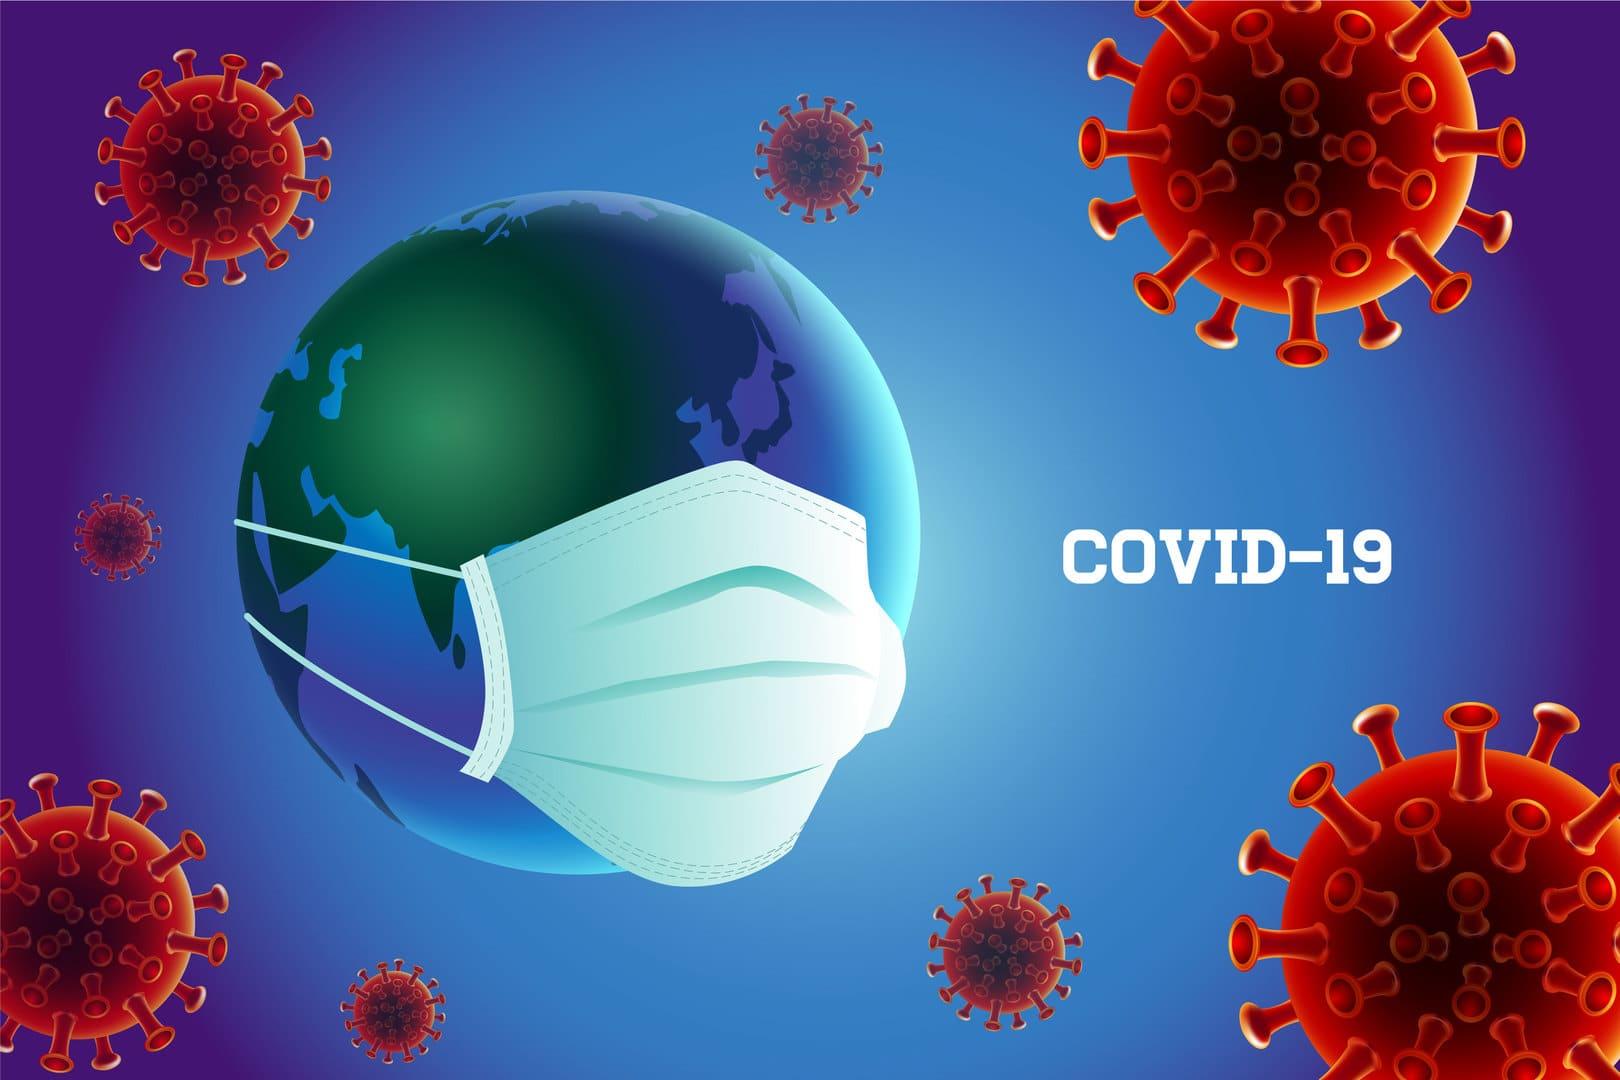 prevención del coronavirus covid-19 con máscara con tierra ...